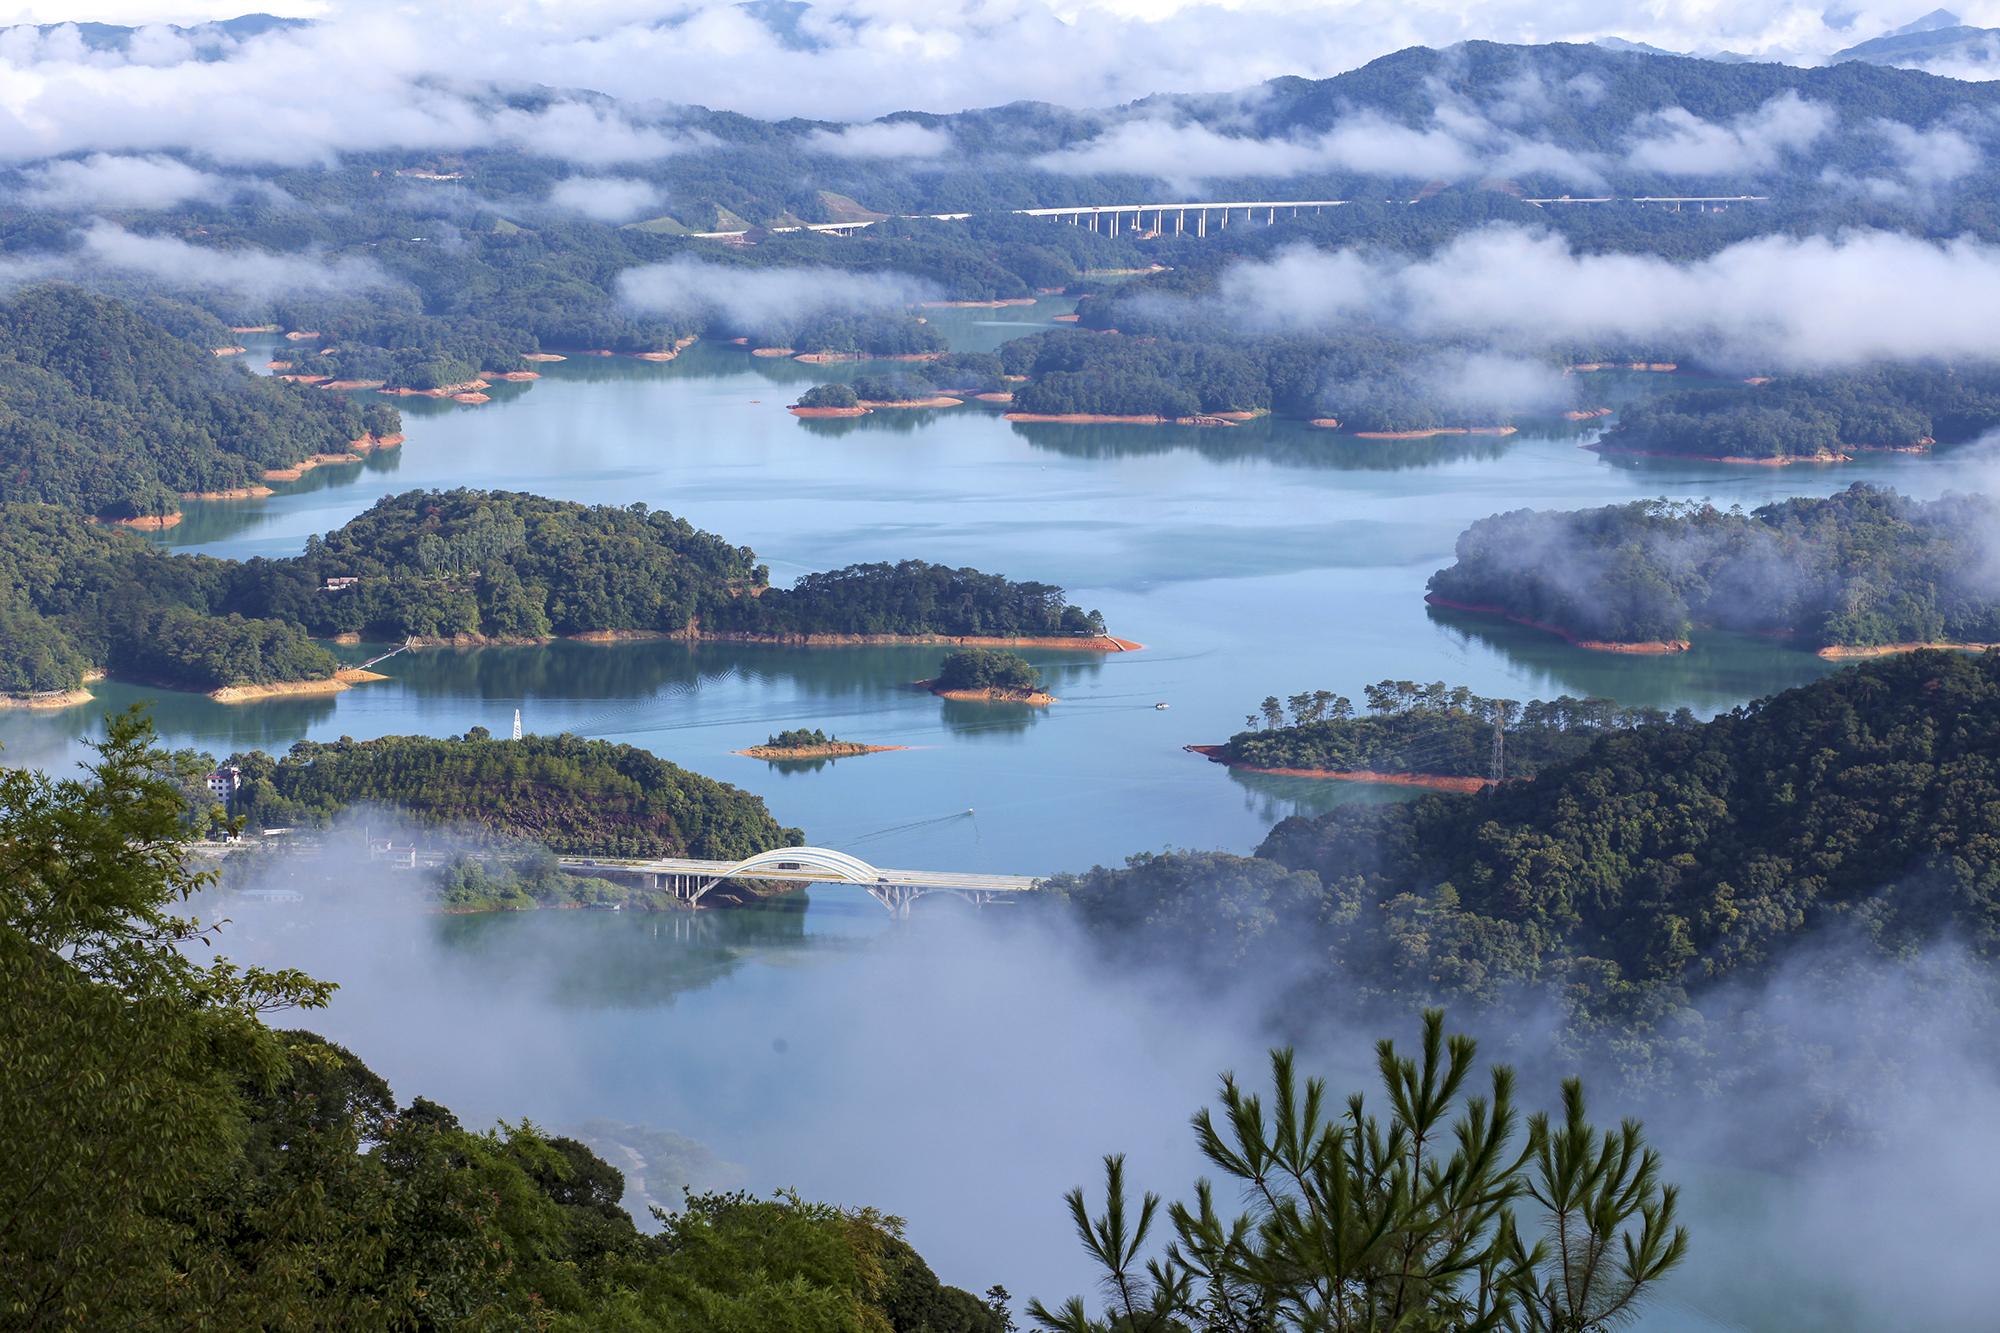 流溪河云雾  来源:广州市水务局